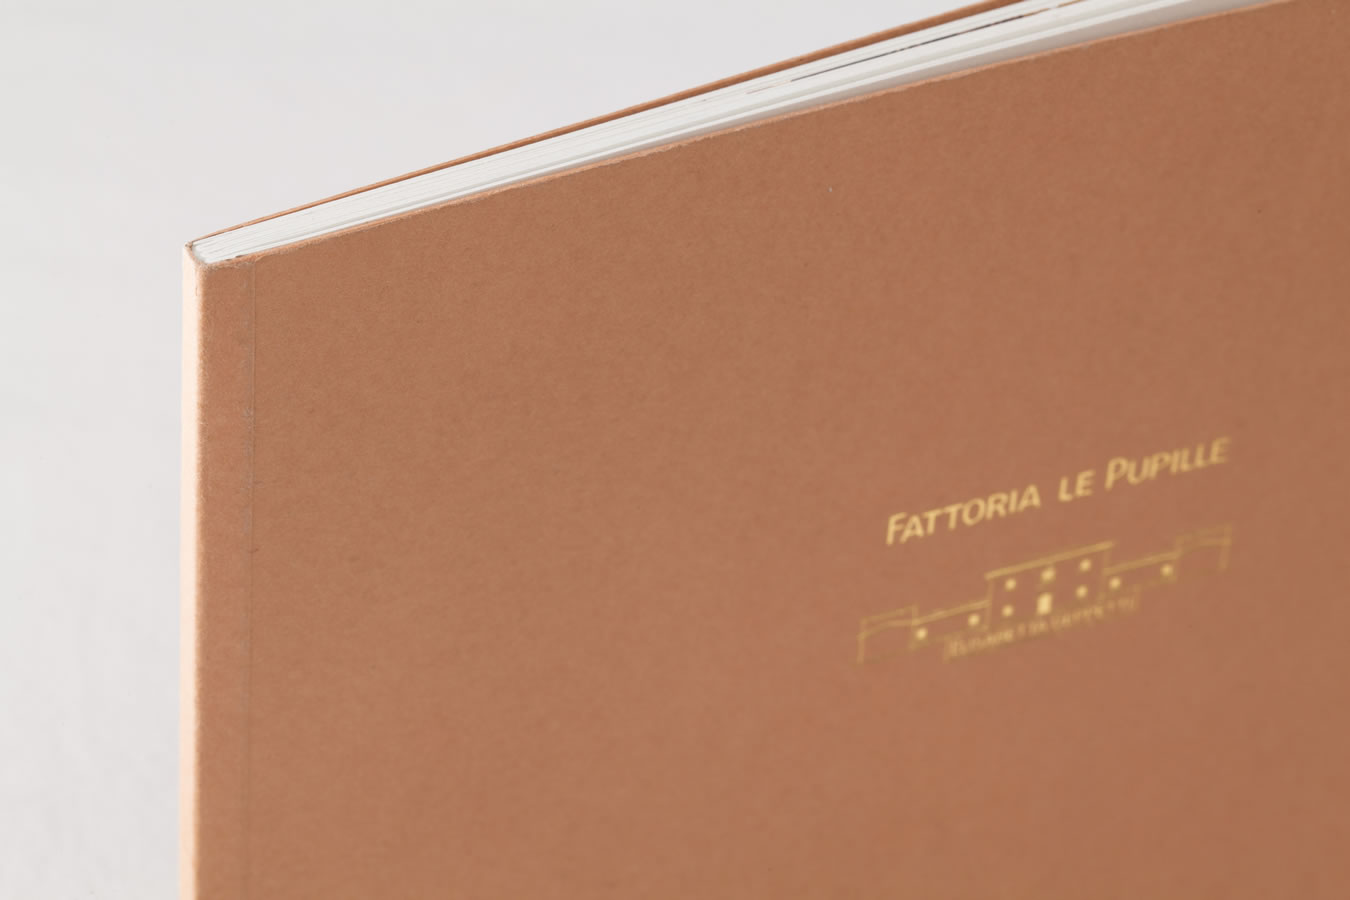 Fattoria Le Pupille IMG 0012